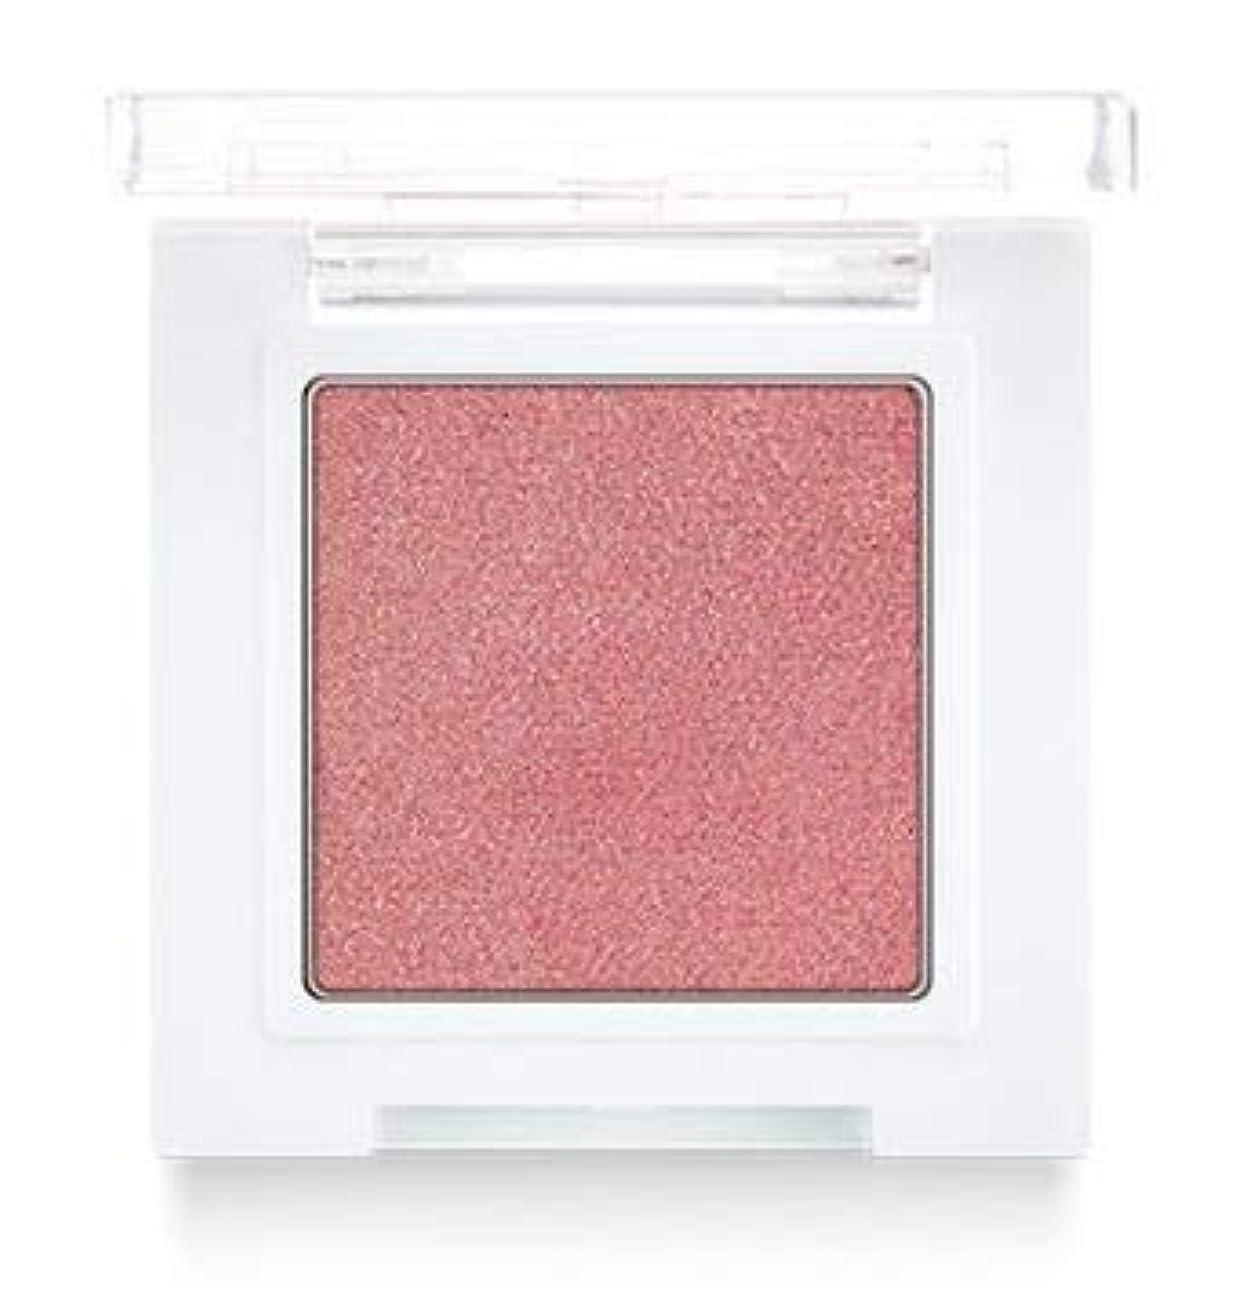 区別傷つけるインフラ[BANILA CO] Eyecrush Shimmer Shadow 2.2g #SPK03 Marshmallow Pink / [バニラコ] アイクラッシュシマーシャドウ 2.2g #SPK03 マシュメロピンク [並行輸入品]